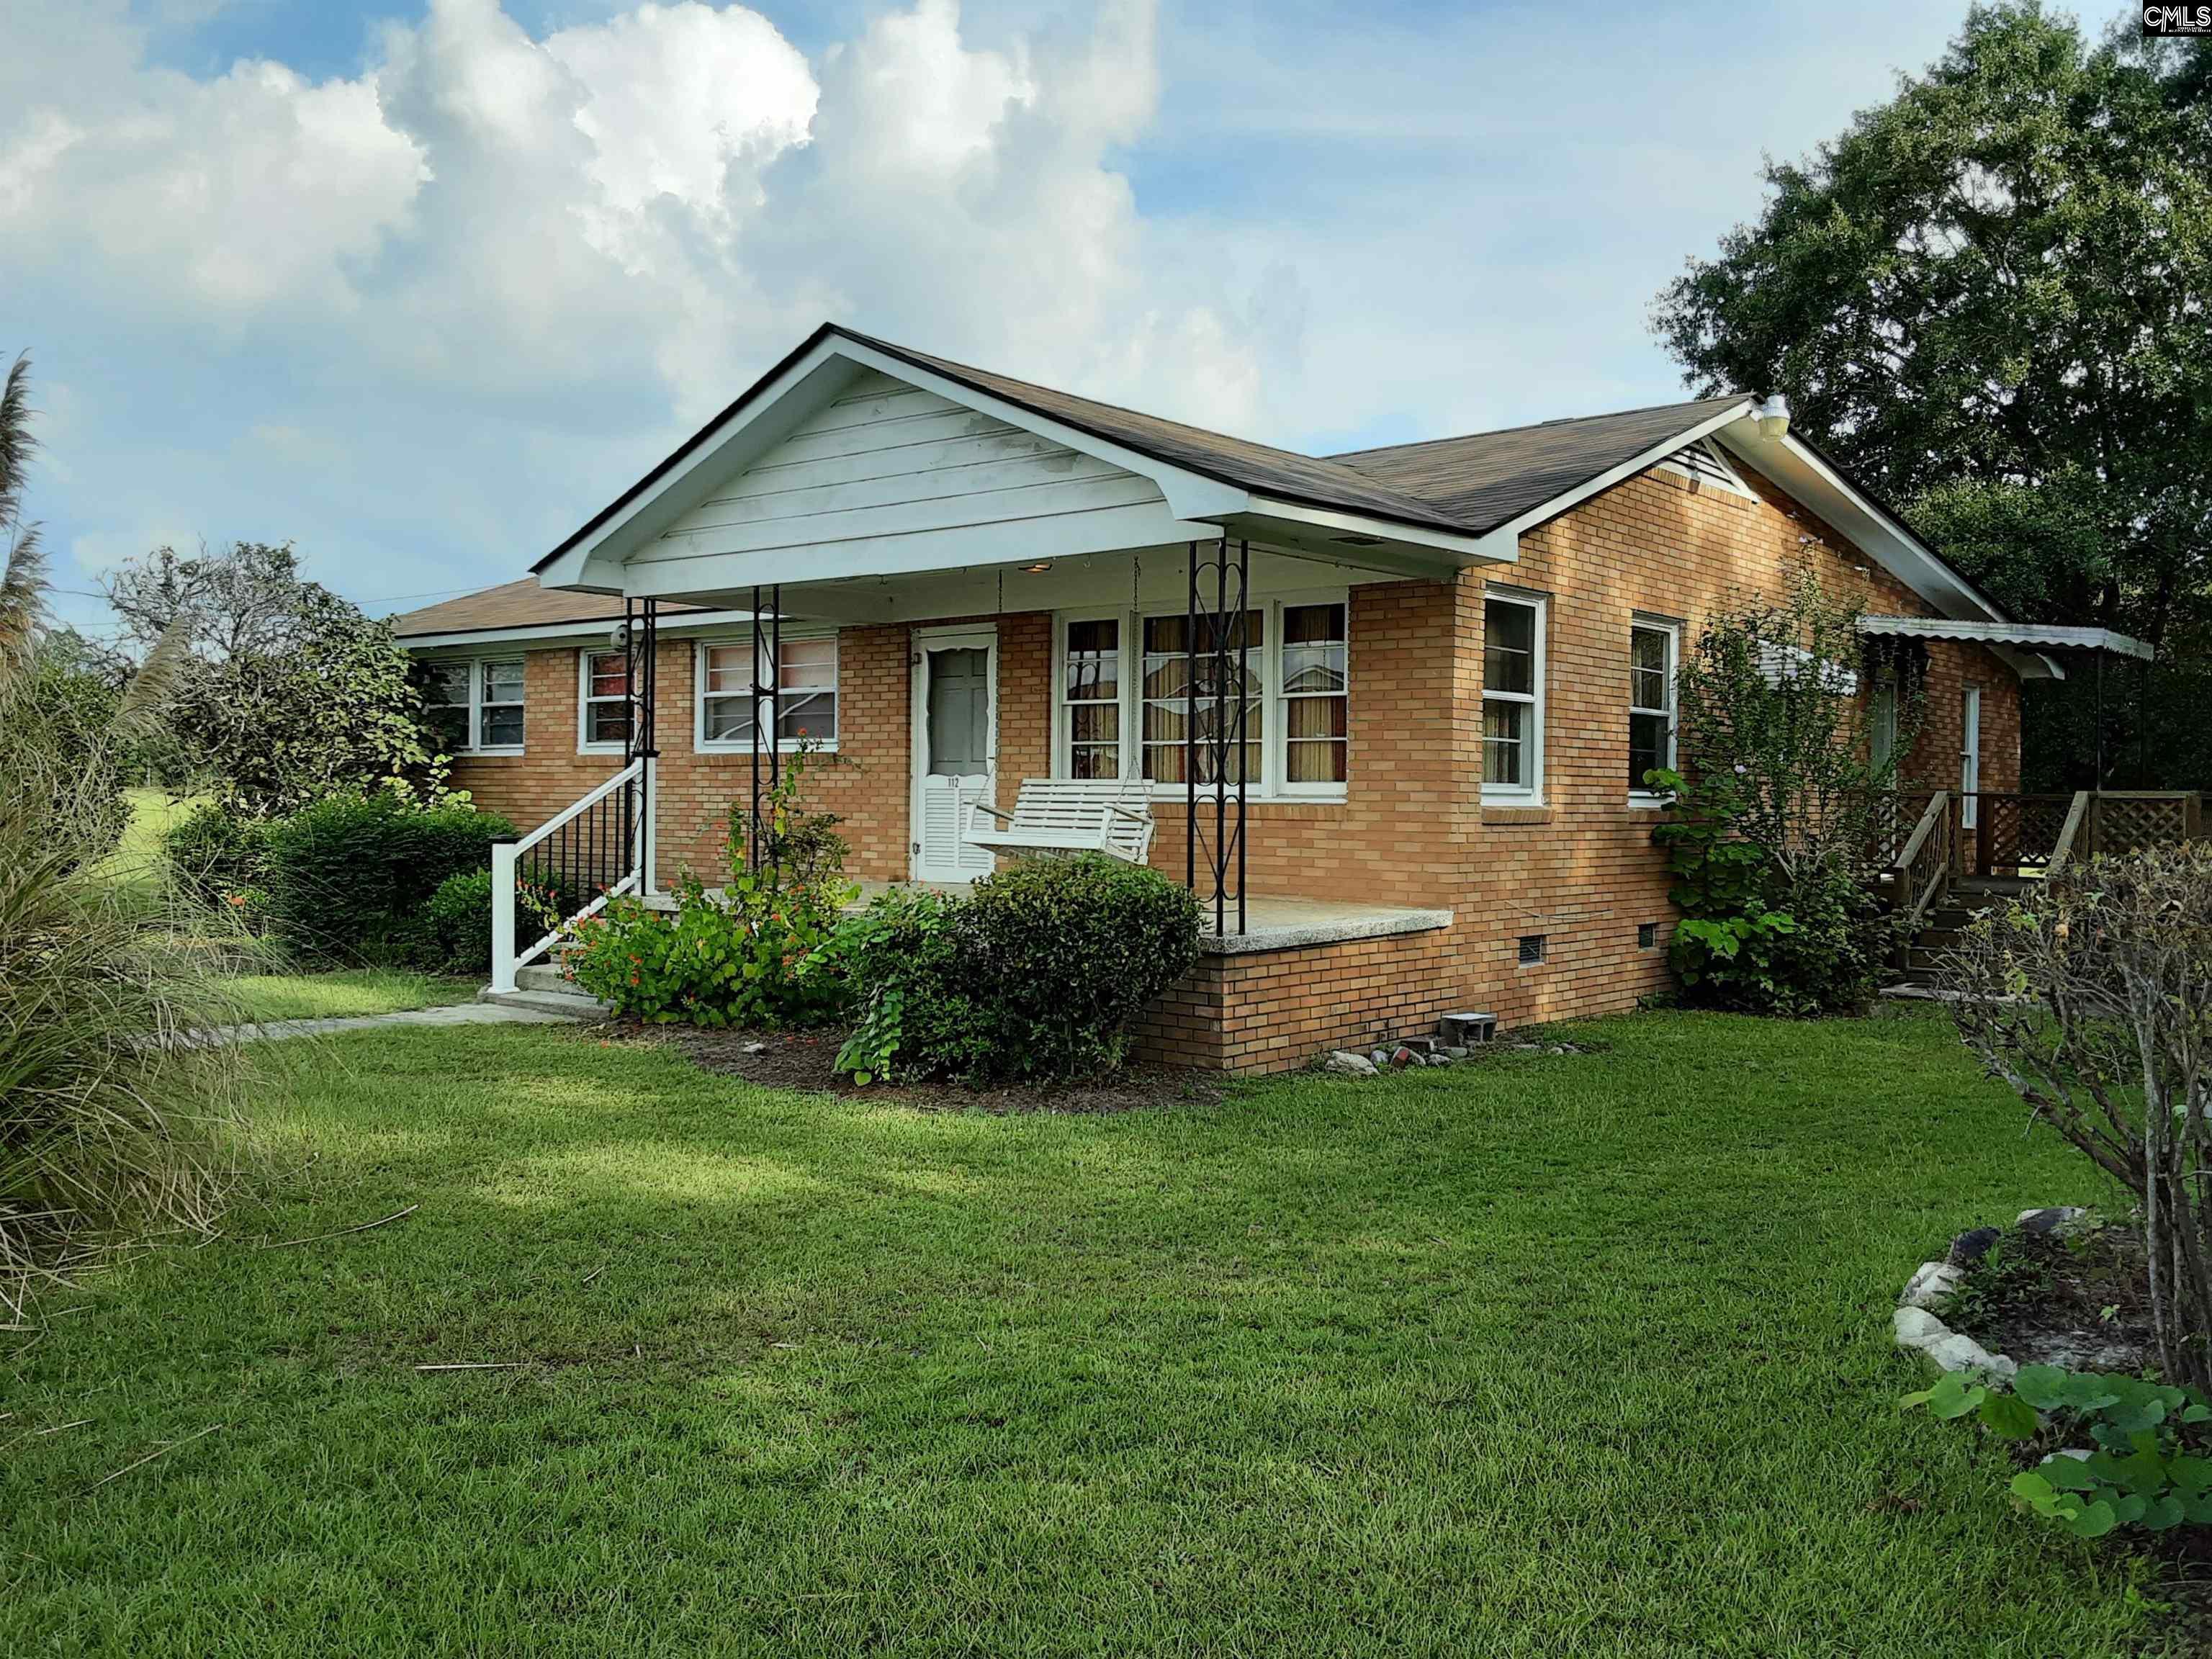 112 Community Drive Lexington, SC 29073